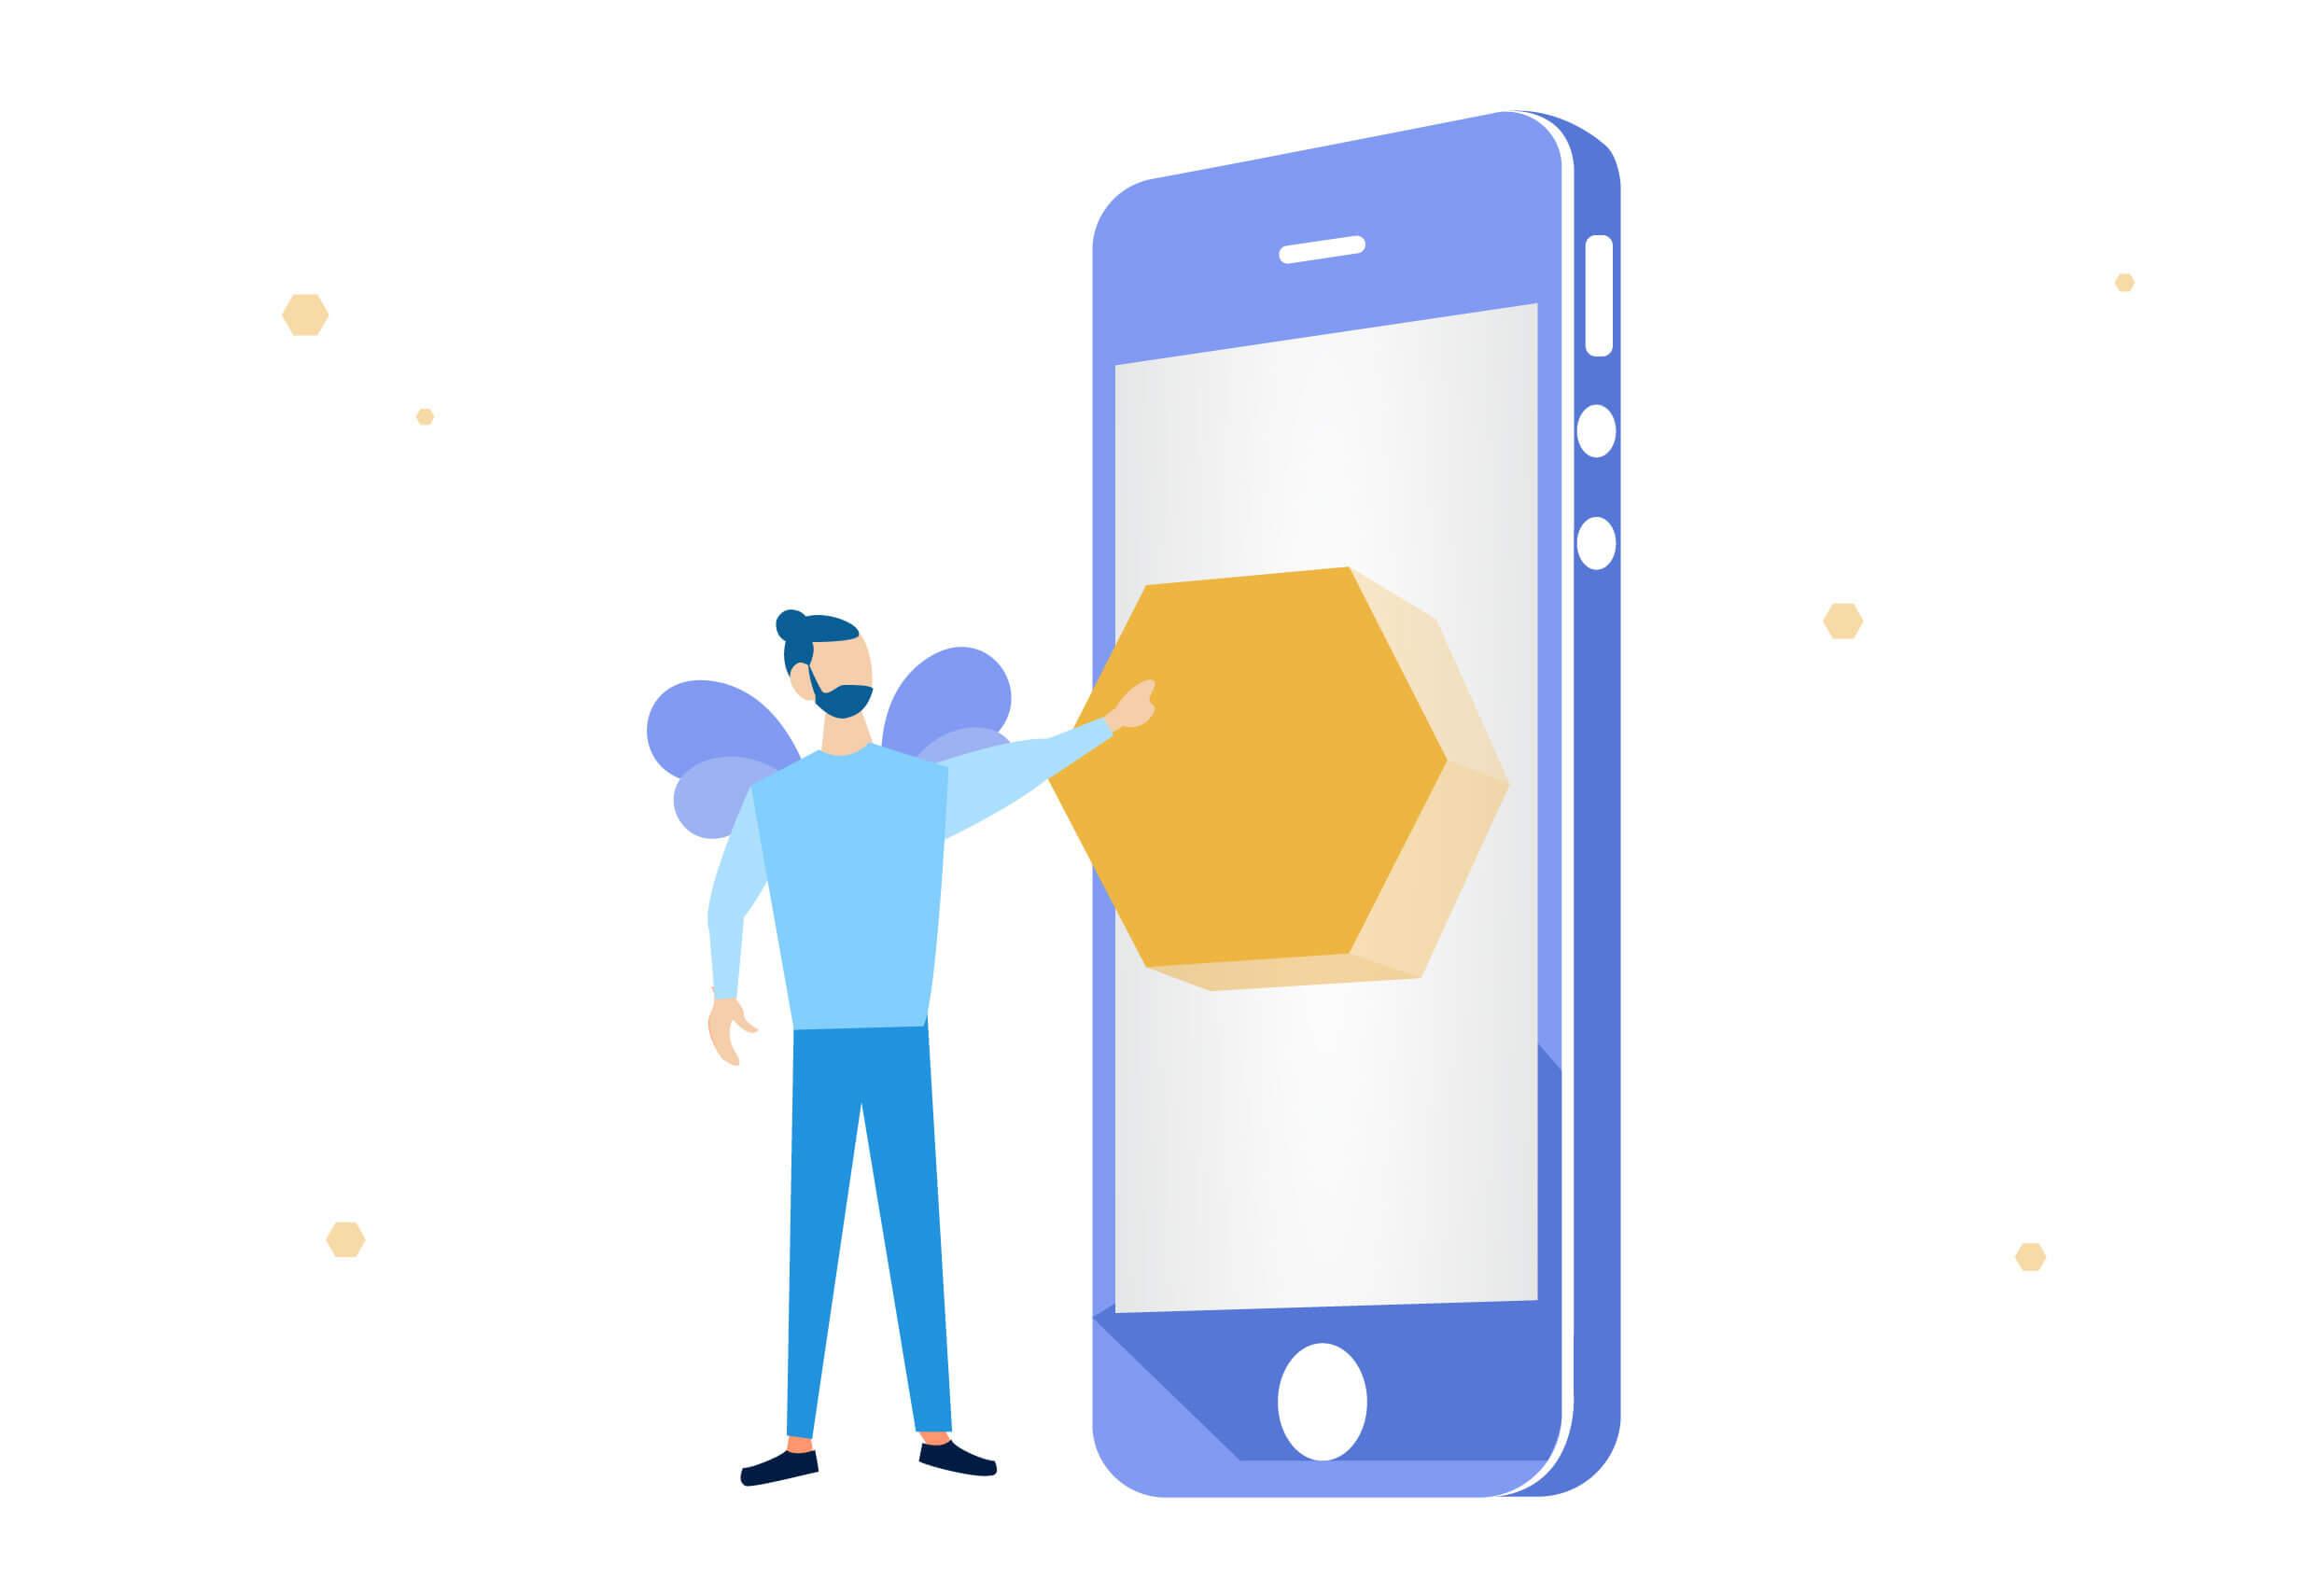 3. Creare servizi e applicazioni per gli alveari digitali